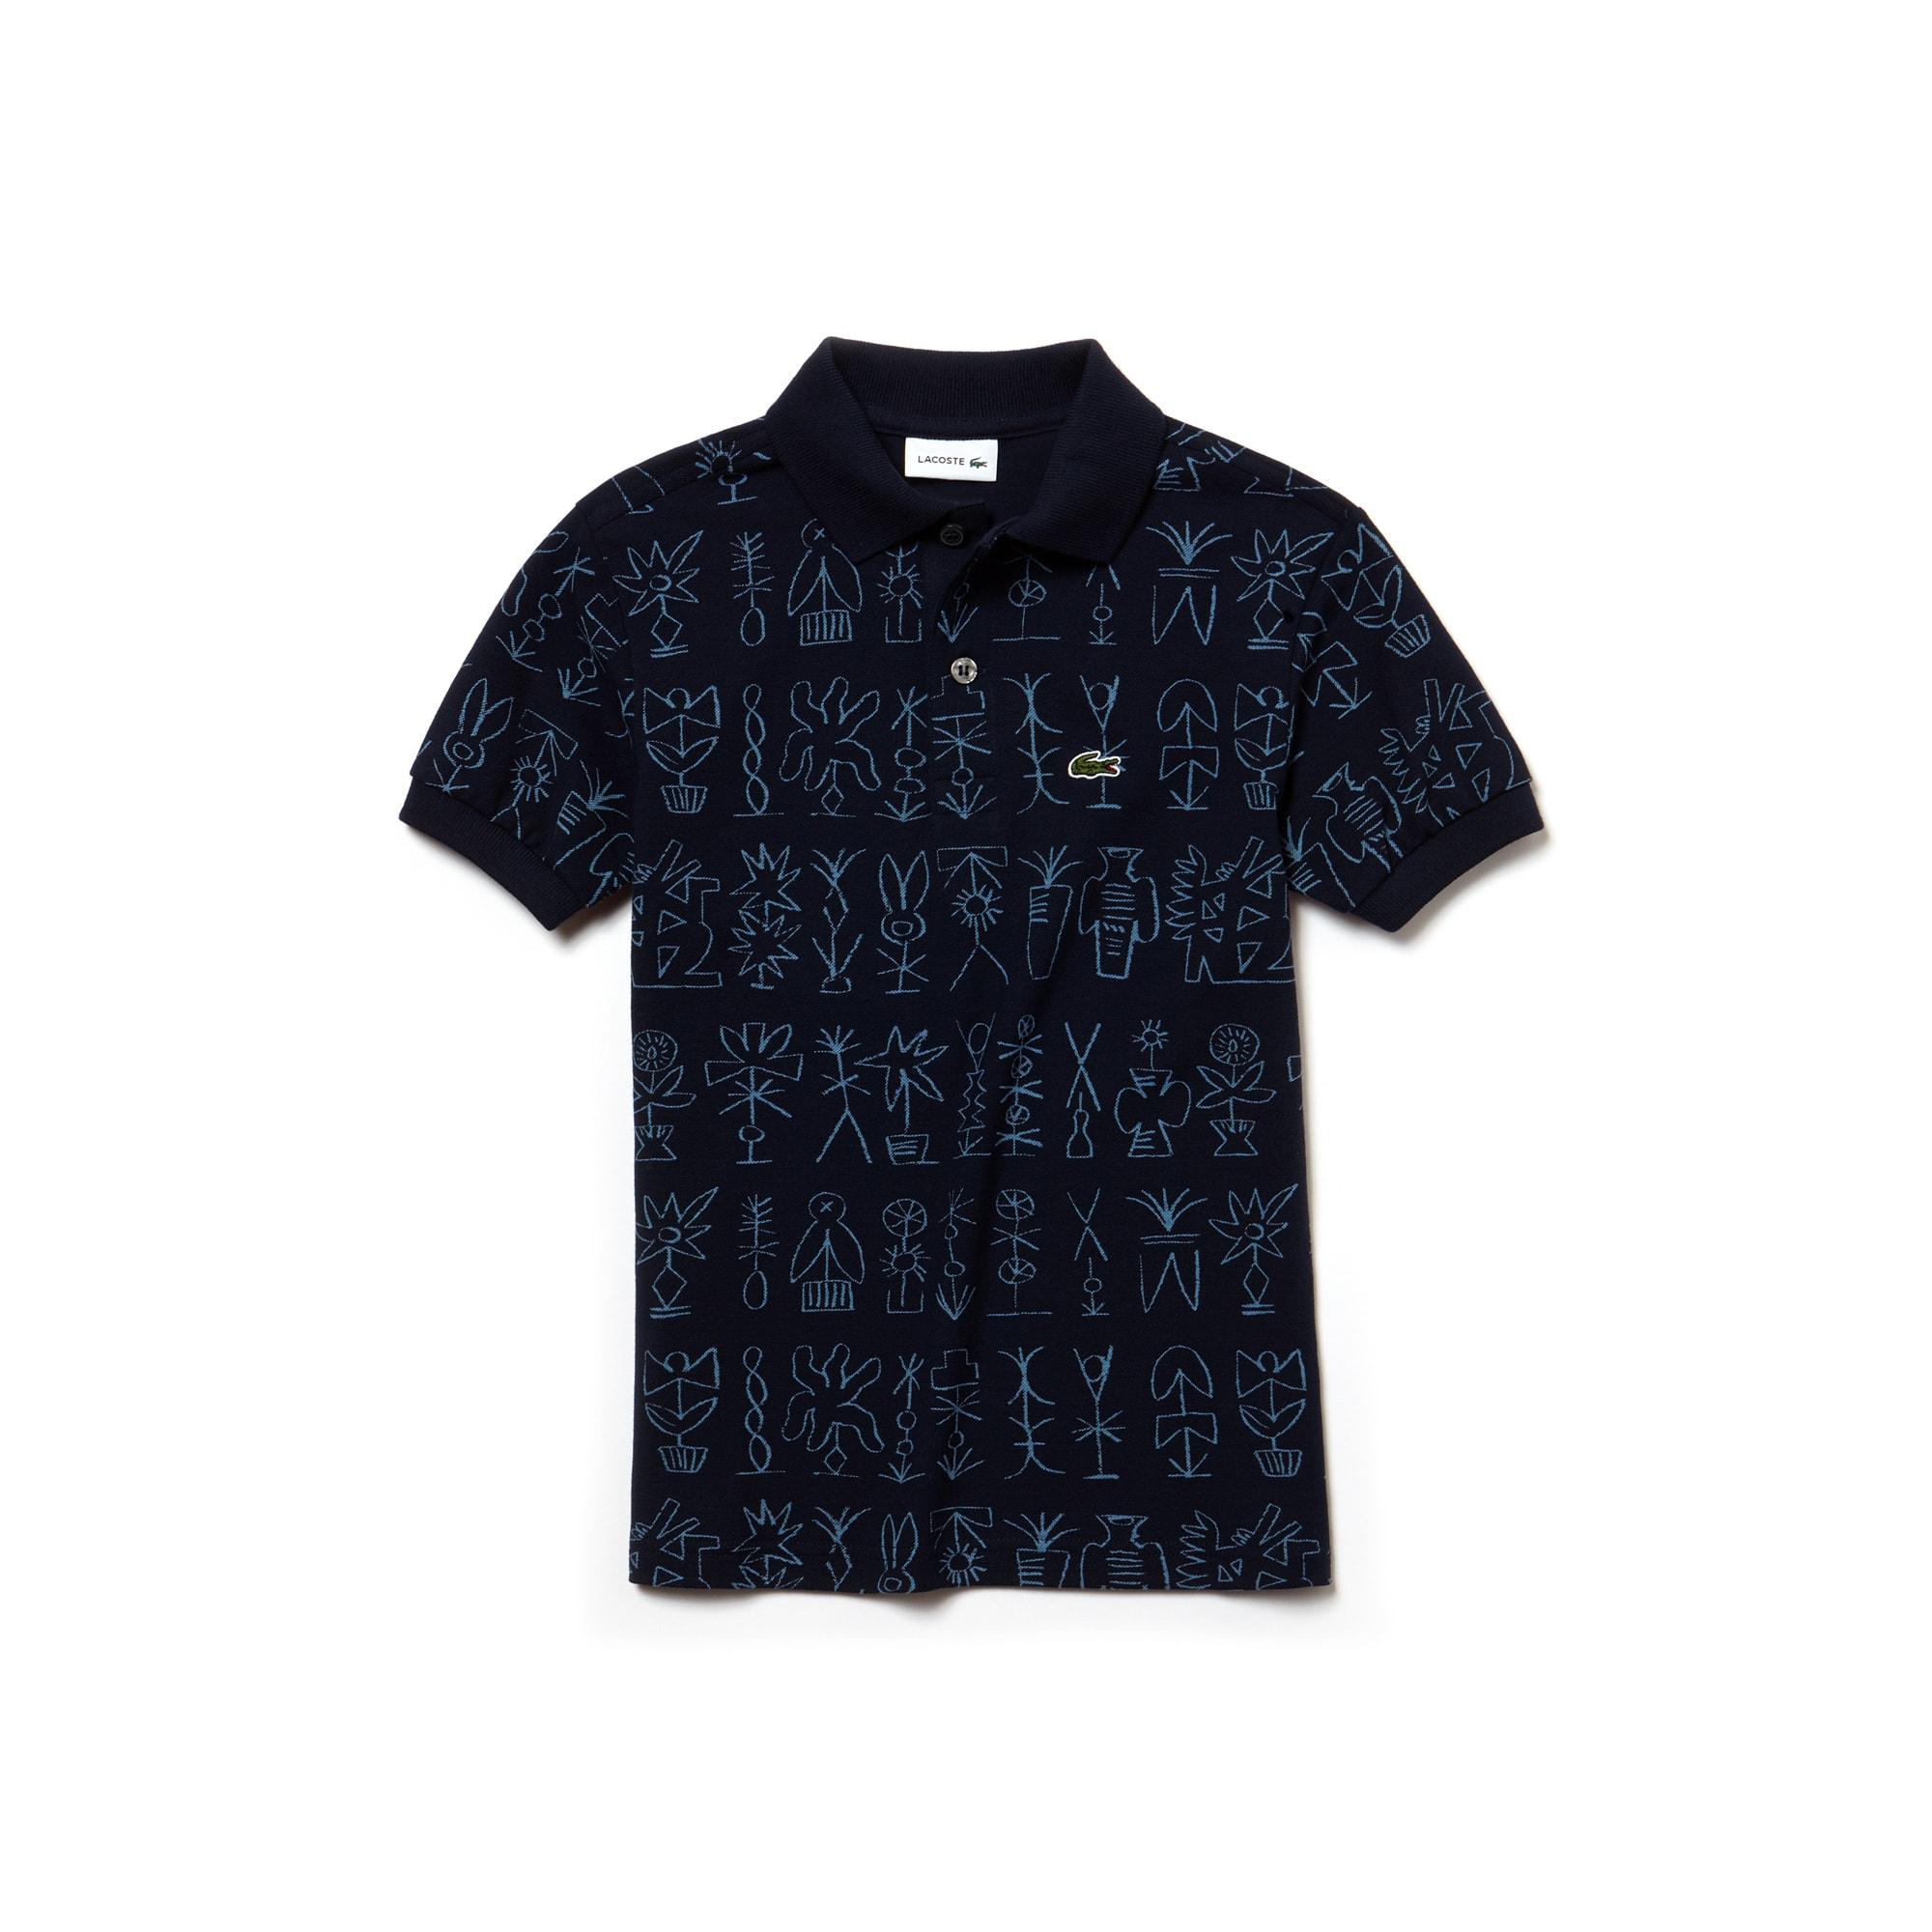 قميص بولو للأولاد بتصميم مصري وبخامة كريب بيكيه